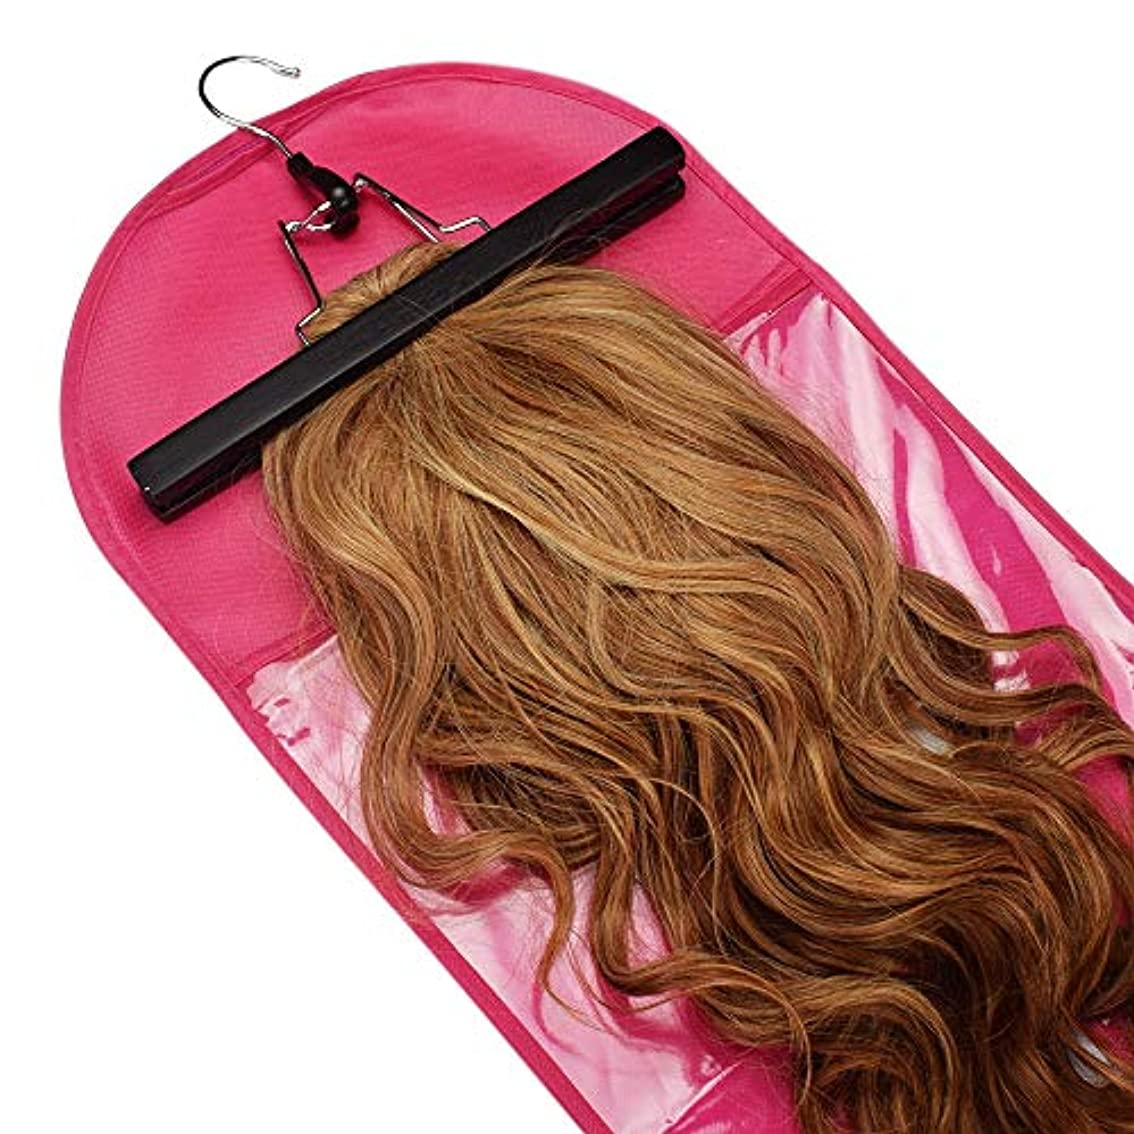 ミッション価値のない形美しさ 3個のヘアエクステンションかつら収納袋ハンガー防塵保護収納ホルダー ヘア&シェービング (色 : ピンク)